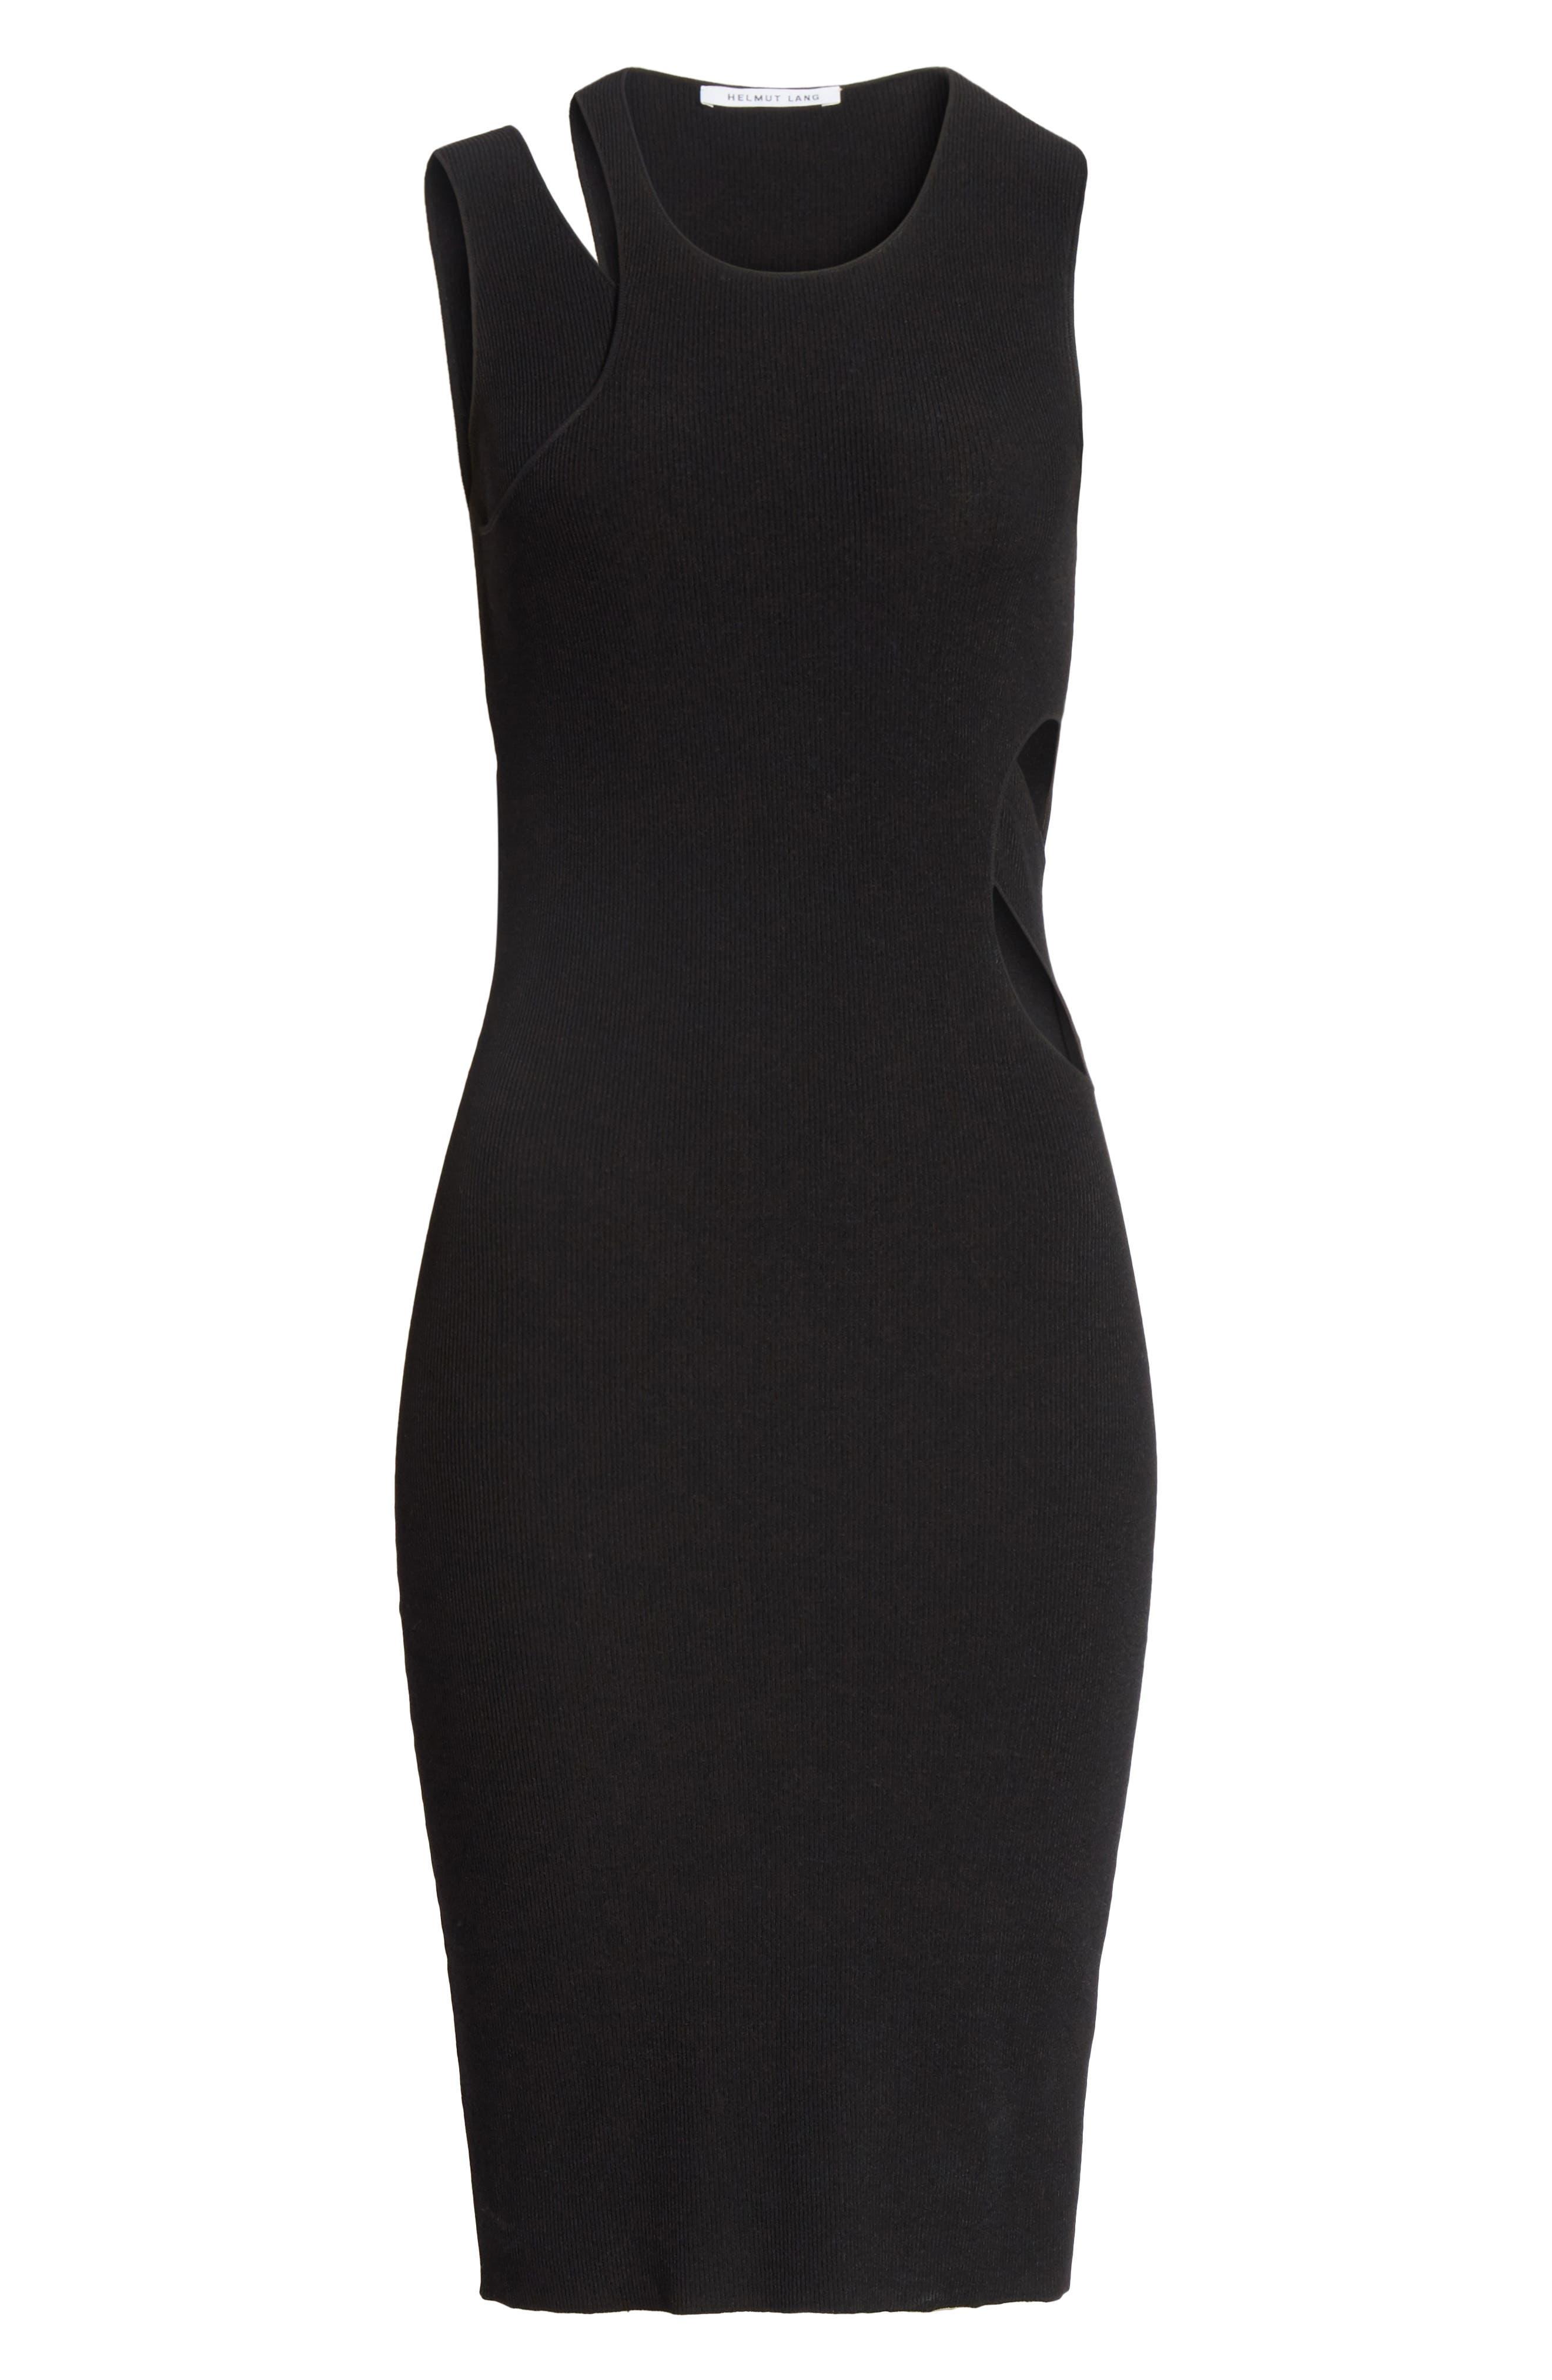 Slash Layered Tank Dress,                             Alternate thumbnail 6, color,                             Black